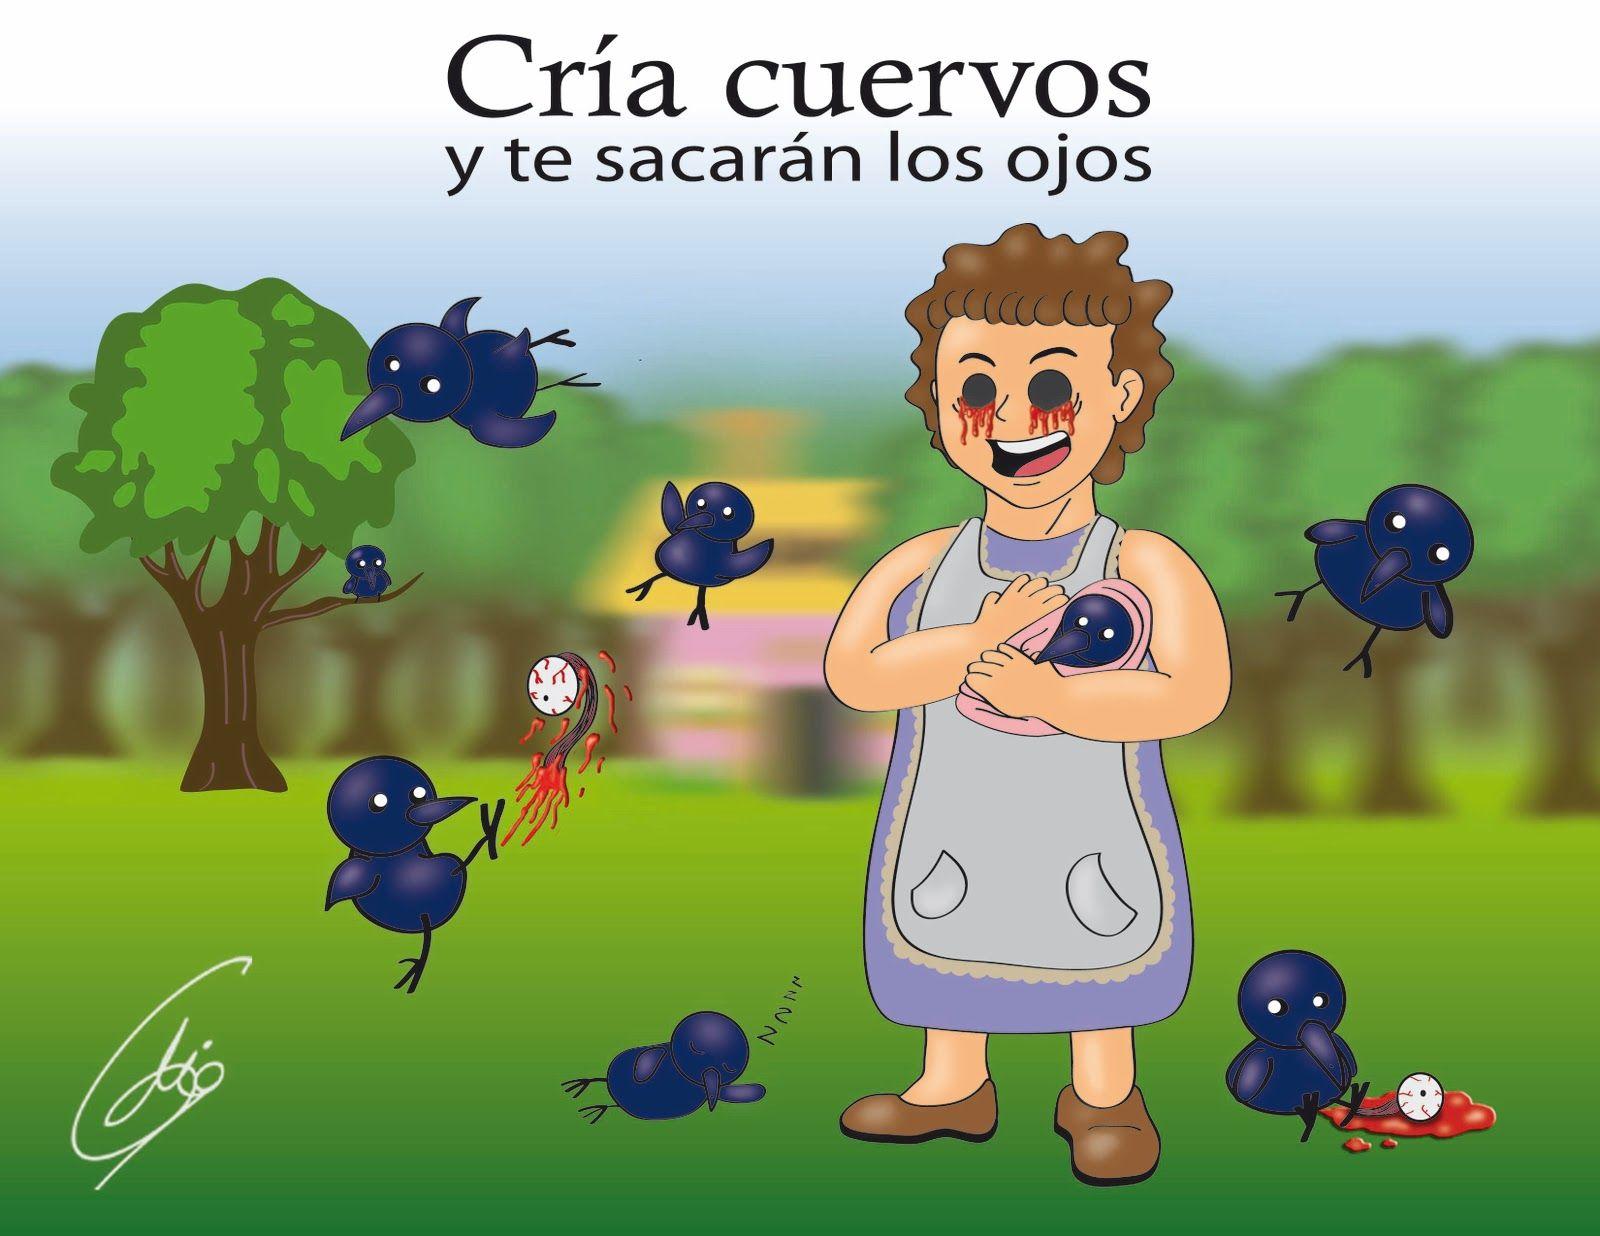 Cría Cuervos Y Frases De Ojos Cria Cuervos Cuervo